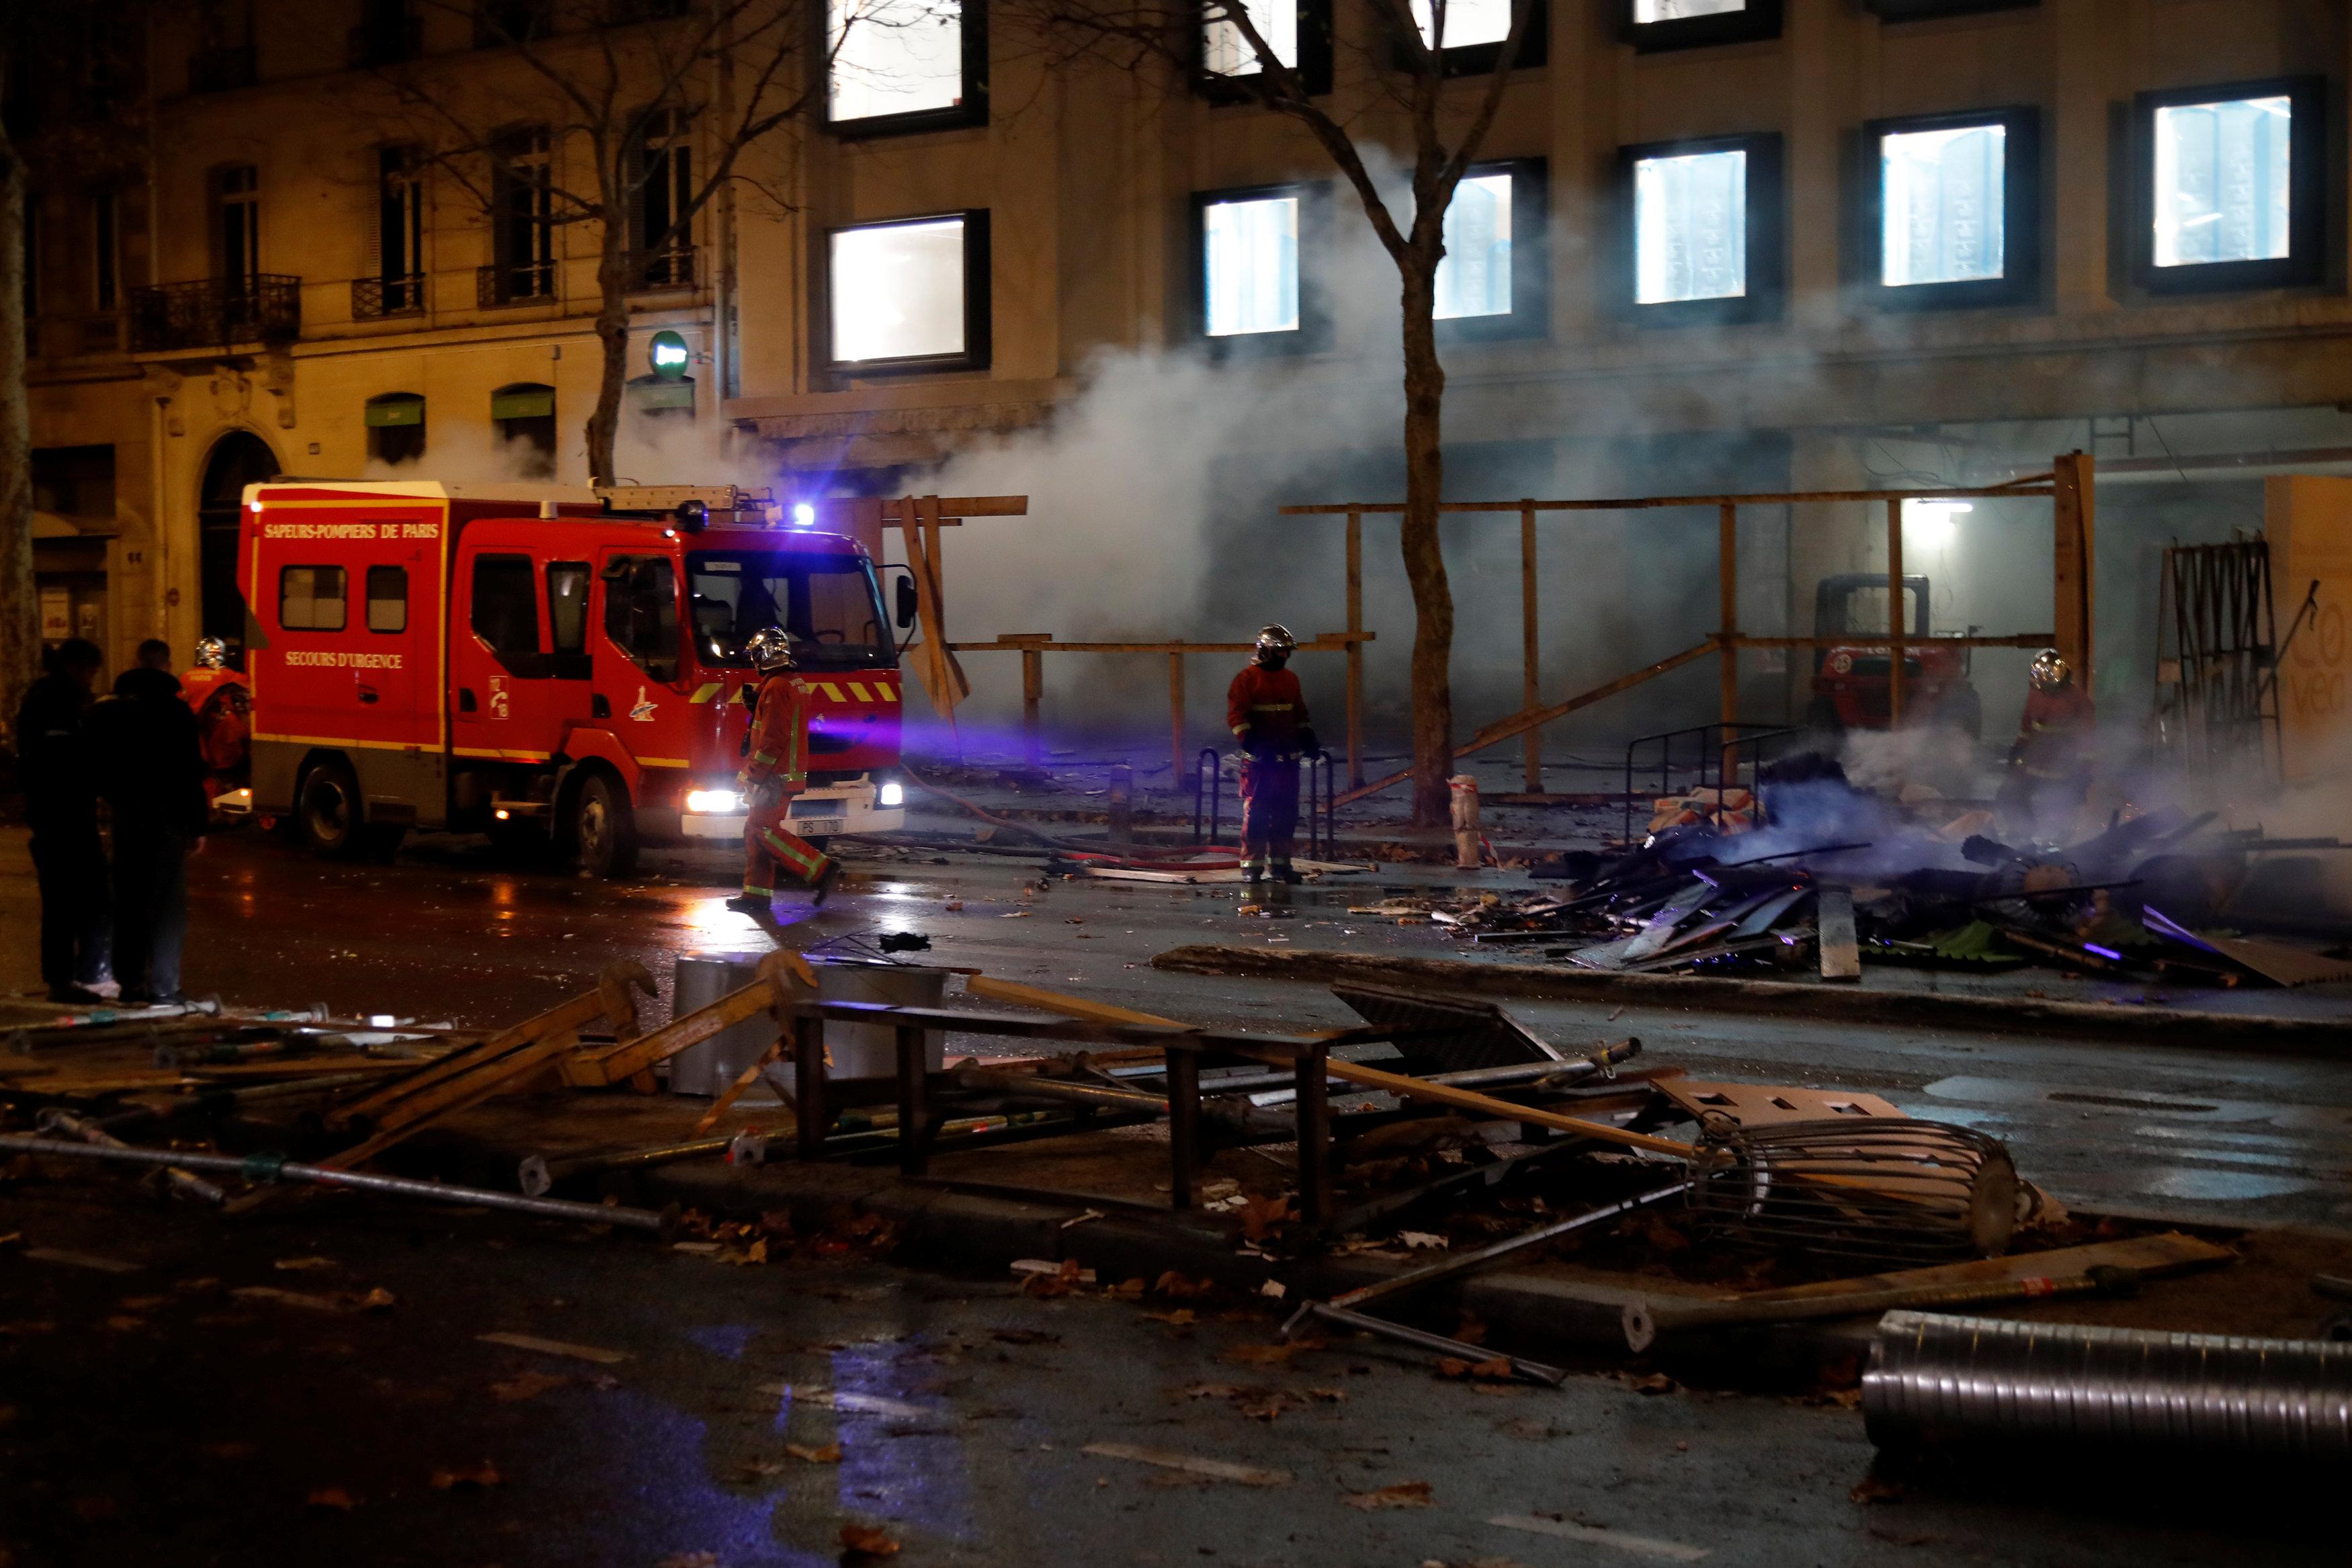 أحد سيارات الإطفاء تحاول احتواء أحد الحرائق فى قلب العاصمة باريس